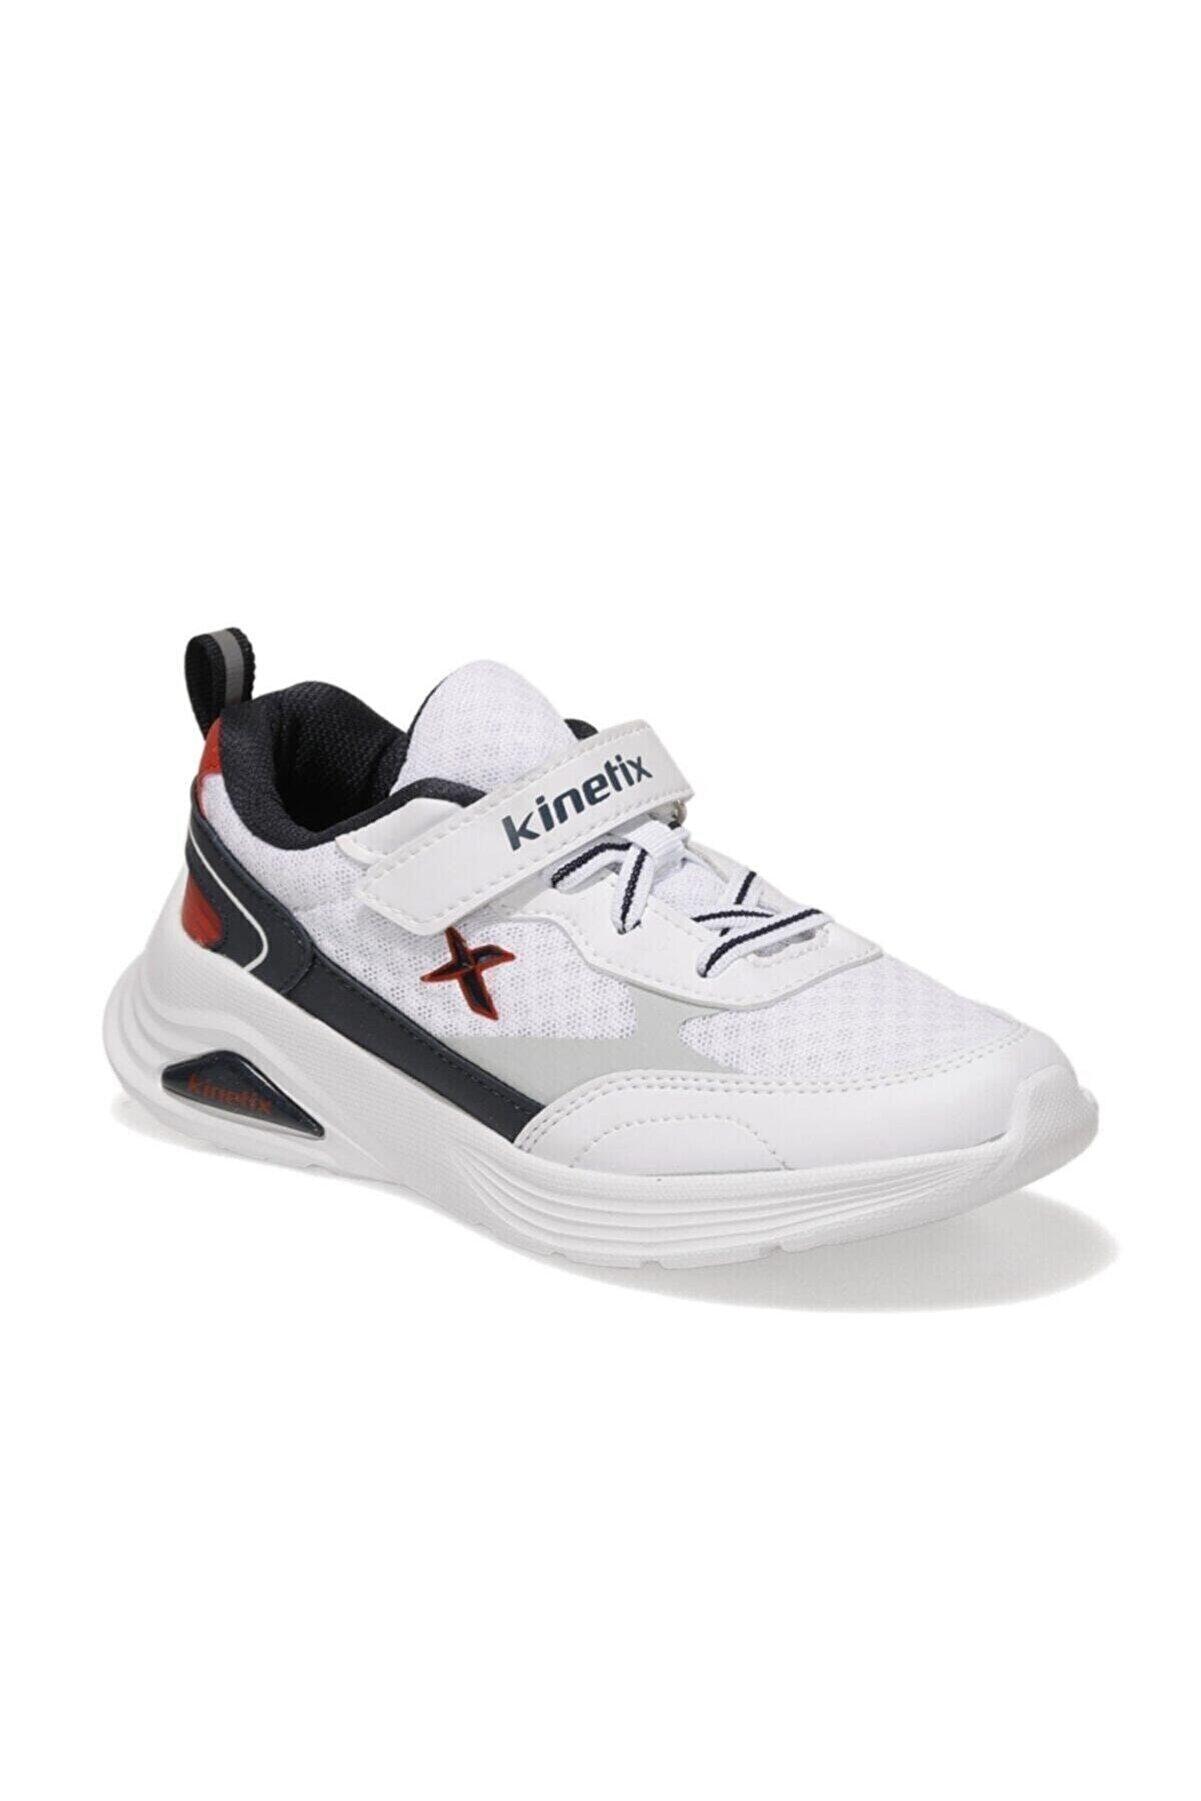 Kinetix STARK J 1FX Beyaz Erkek Çocuk Koşu Ayakkabısı 100586332